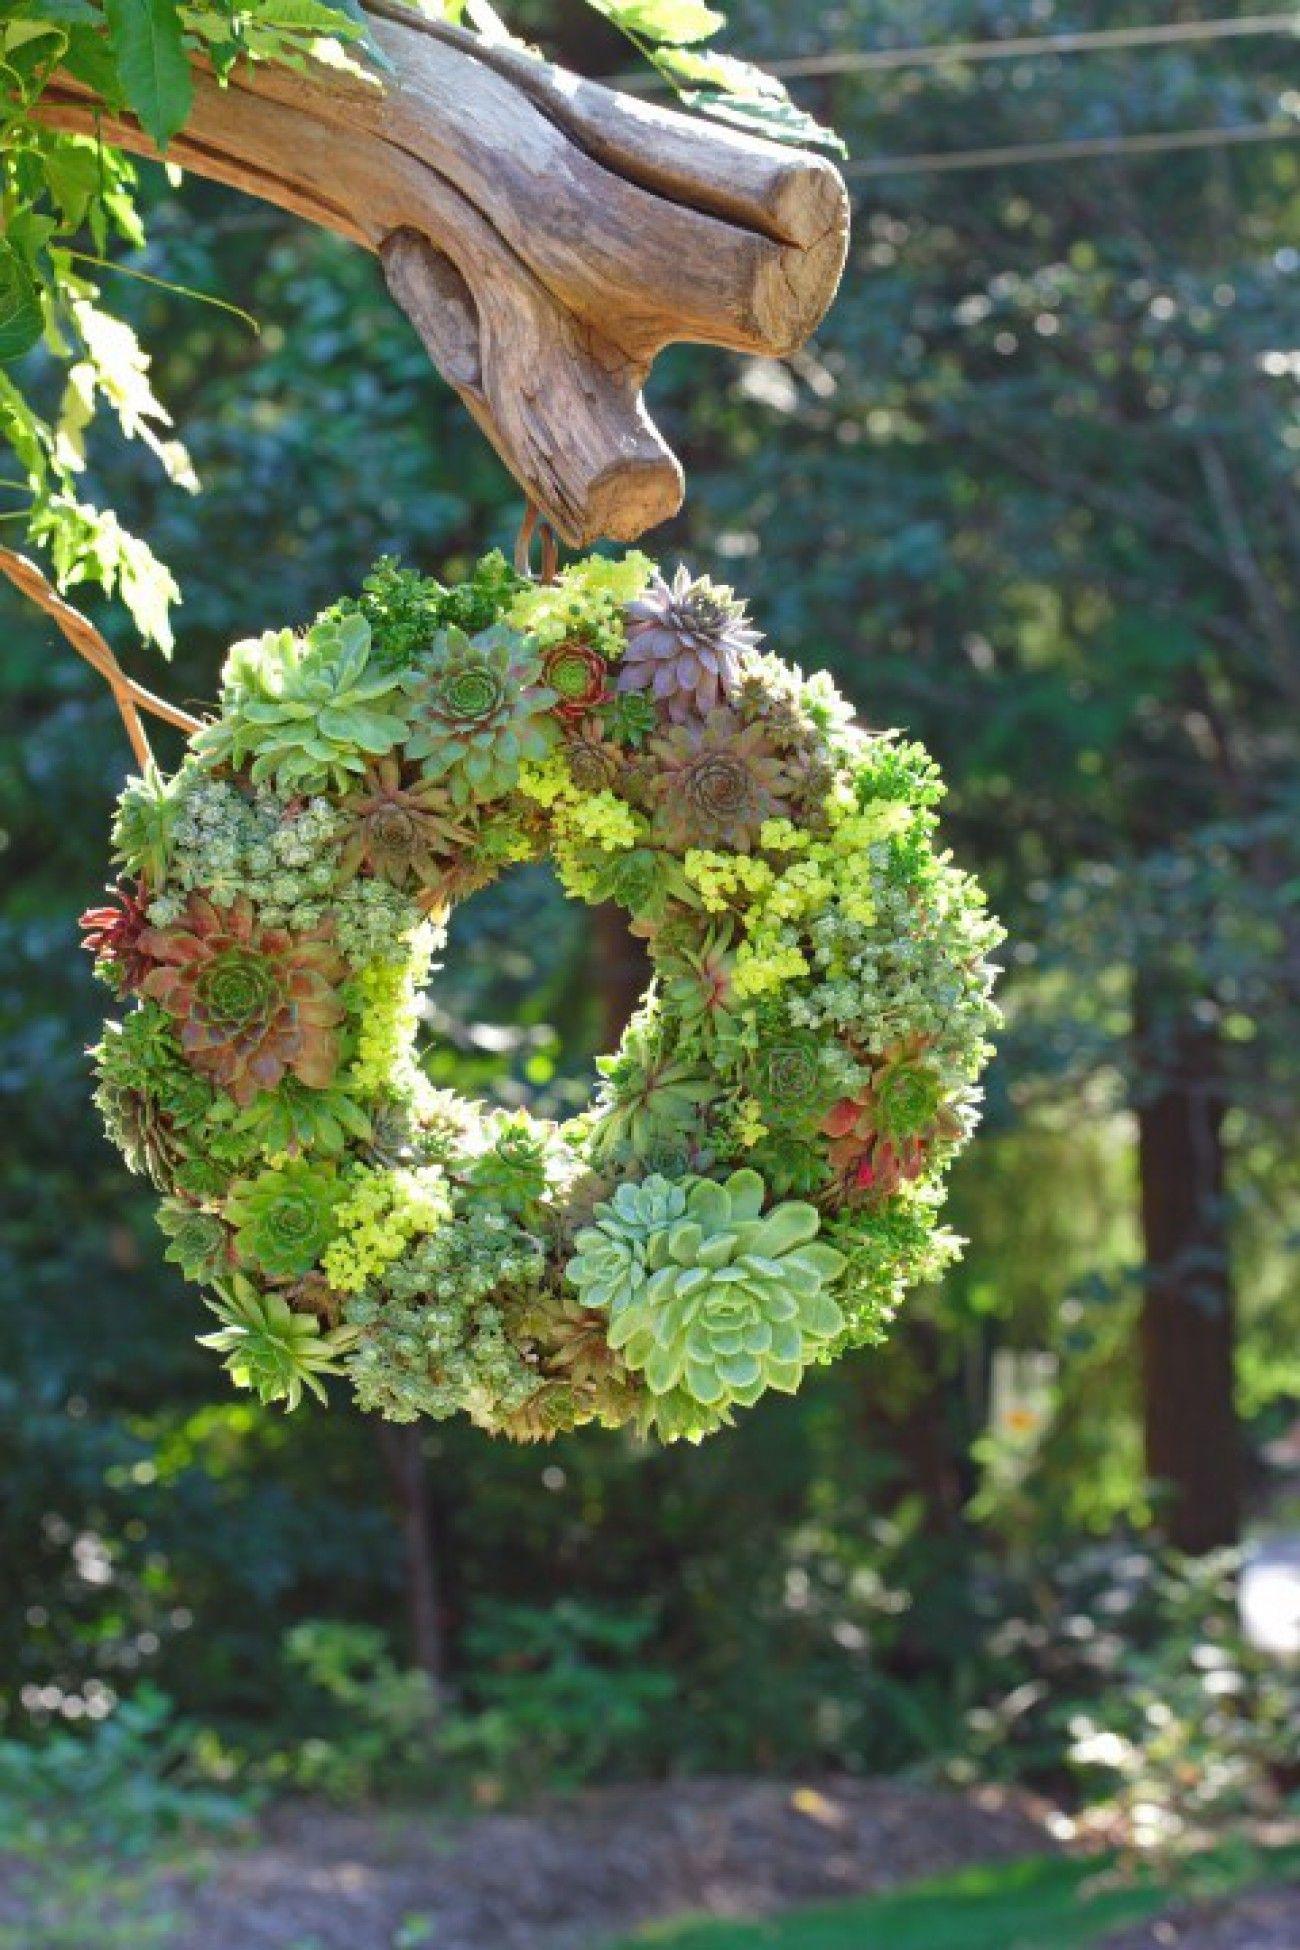 durch gartenaccessoires den garten lebendiger gestalten | deko, Garten und erstellen